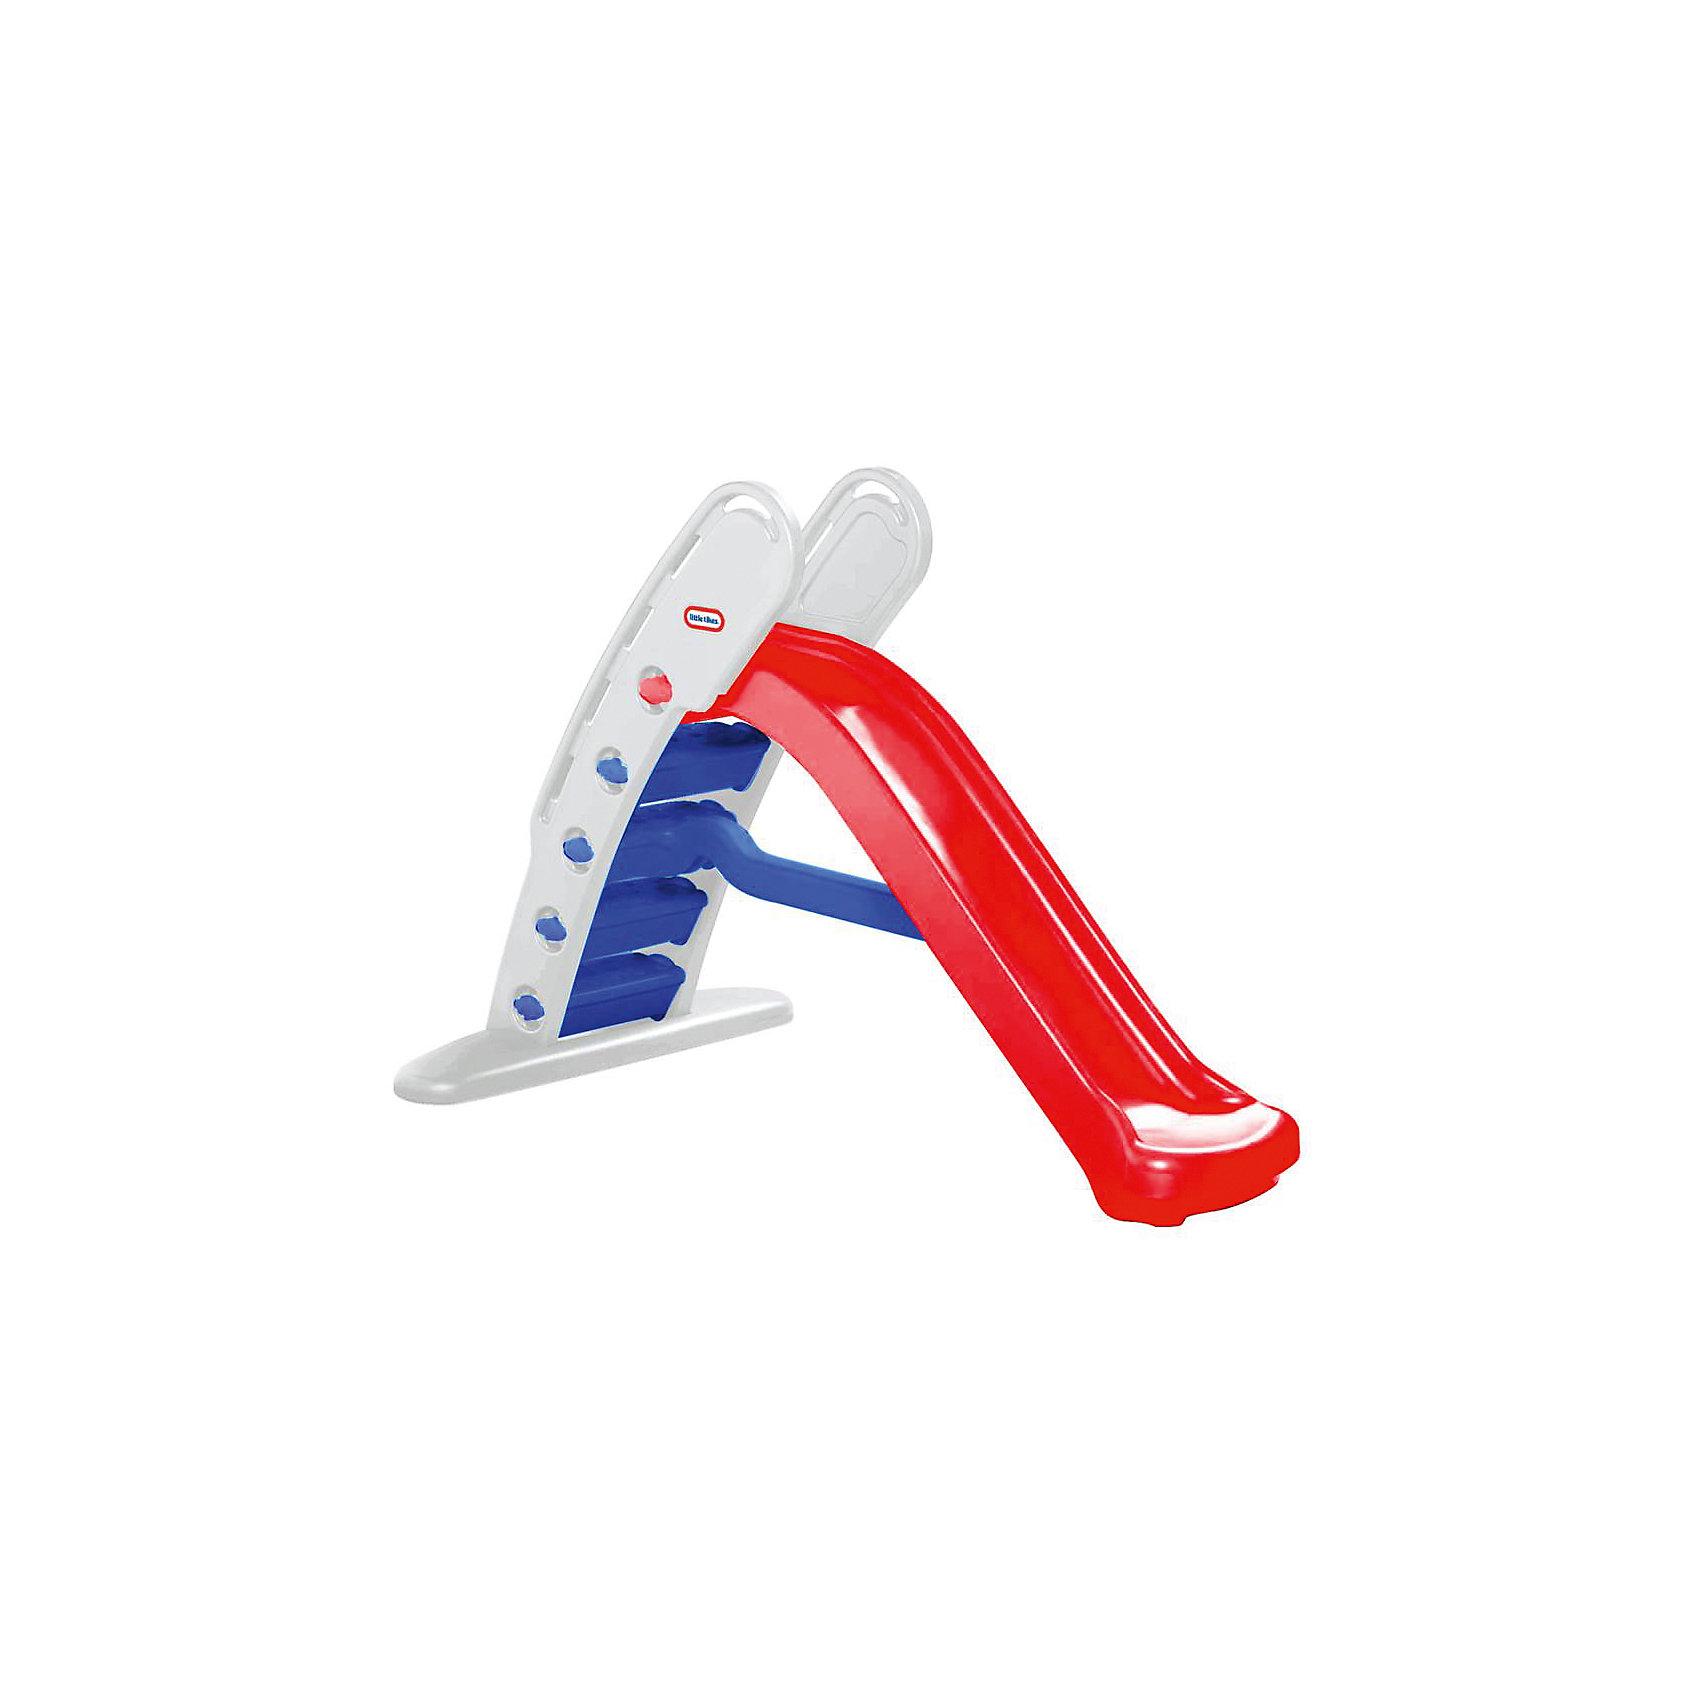 Горка складная, красно-синяя, Little TikesГорка идеально подходит для игры дома и на улице, легко складывается, что позволяет, при необходимости, убрать ее на некоторое время.  Широкие ступеньки, удобные поручни и скругленные углы - разработаны с учетом обеспечения безопасности детей. Горка предназначена для детей от 3-х лет<br>Размеры горки: 213 х 122 х 134 см (д, ш, в)<br>Размеры упаковки: 188 х 69 х 46<br>Длина поверхности скольжения: 180 см<br><br>Ширина мм: 1810<br>Глубина мм: 530<br>Высота мм: 400<br>Вес г: 17918<br>Возраст от месяцев: 36<br>Возраст до месяцев: 120<br>Пол: Унисекс<br>Возраст: Детский<br>SKU: 4653316